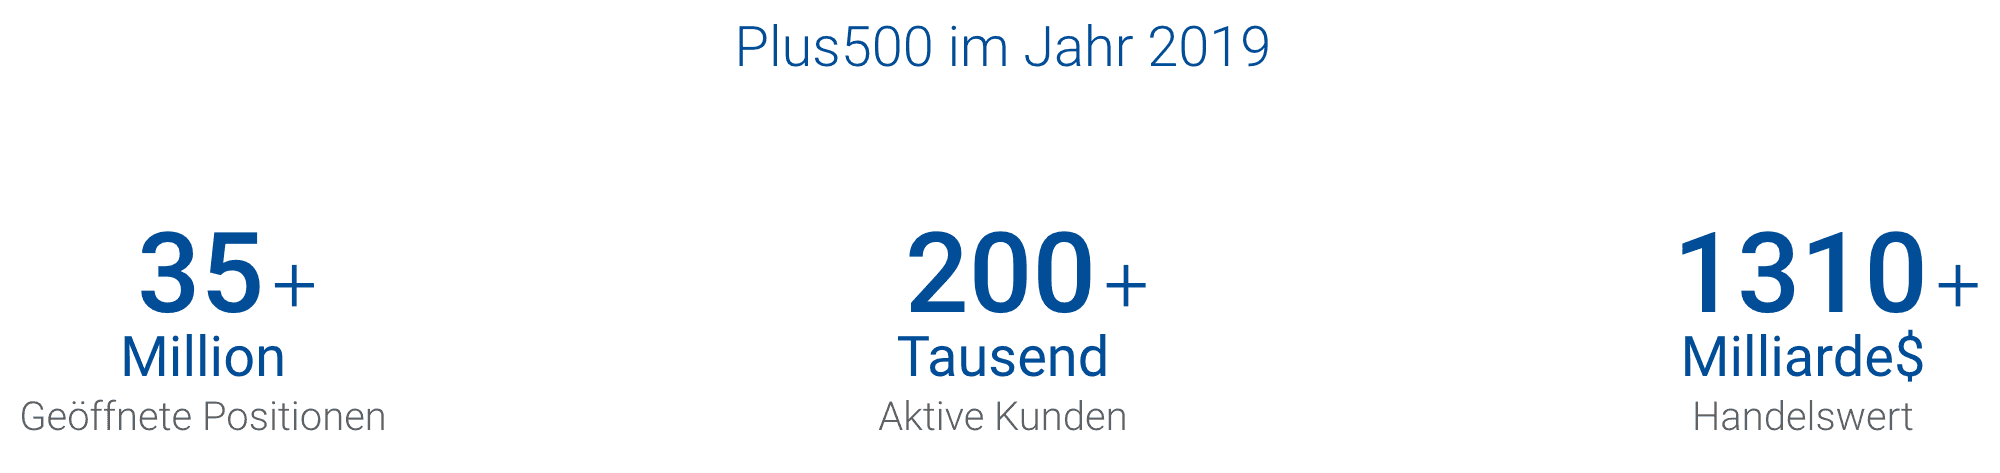 Plus500 Übersicht